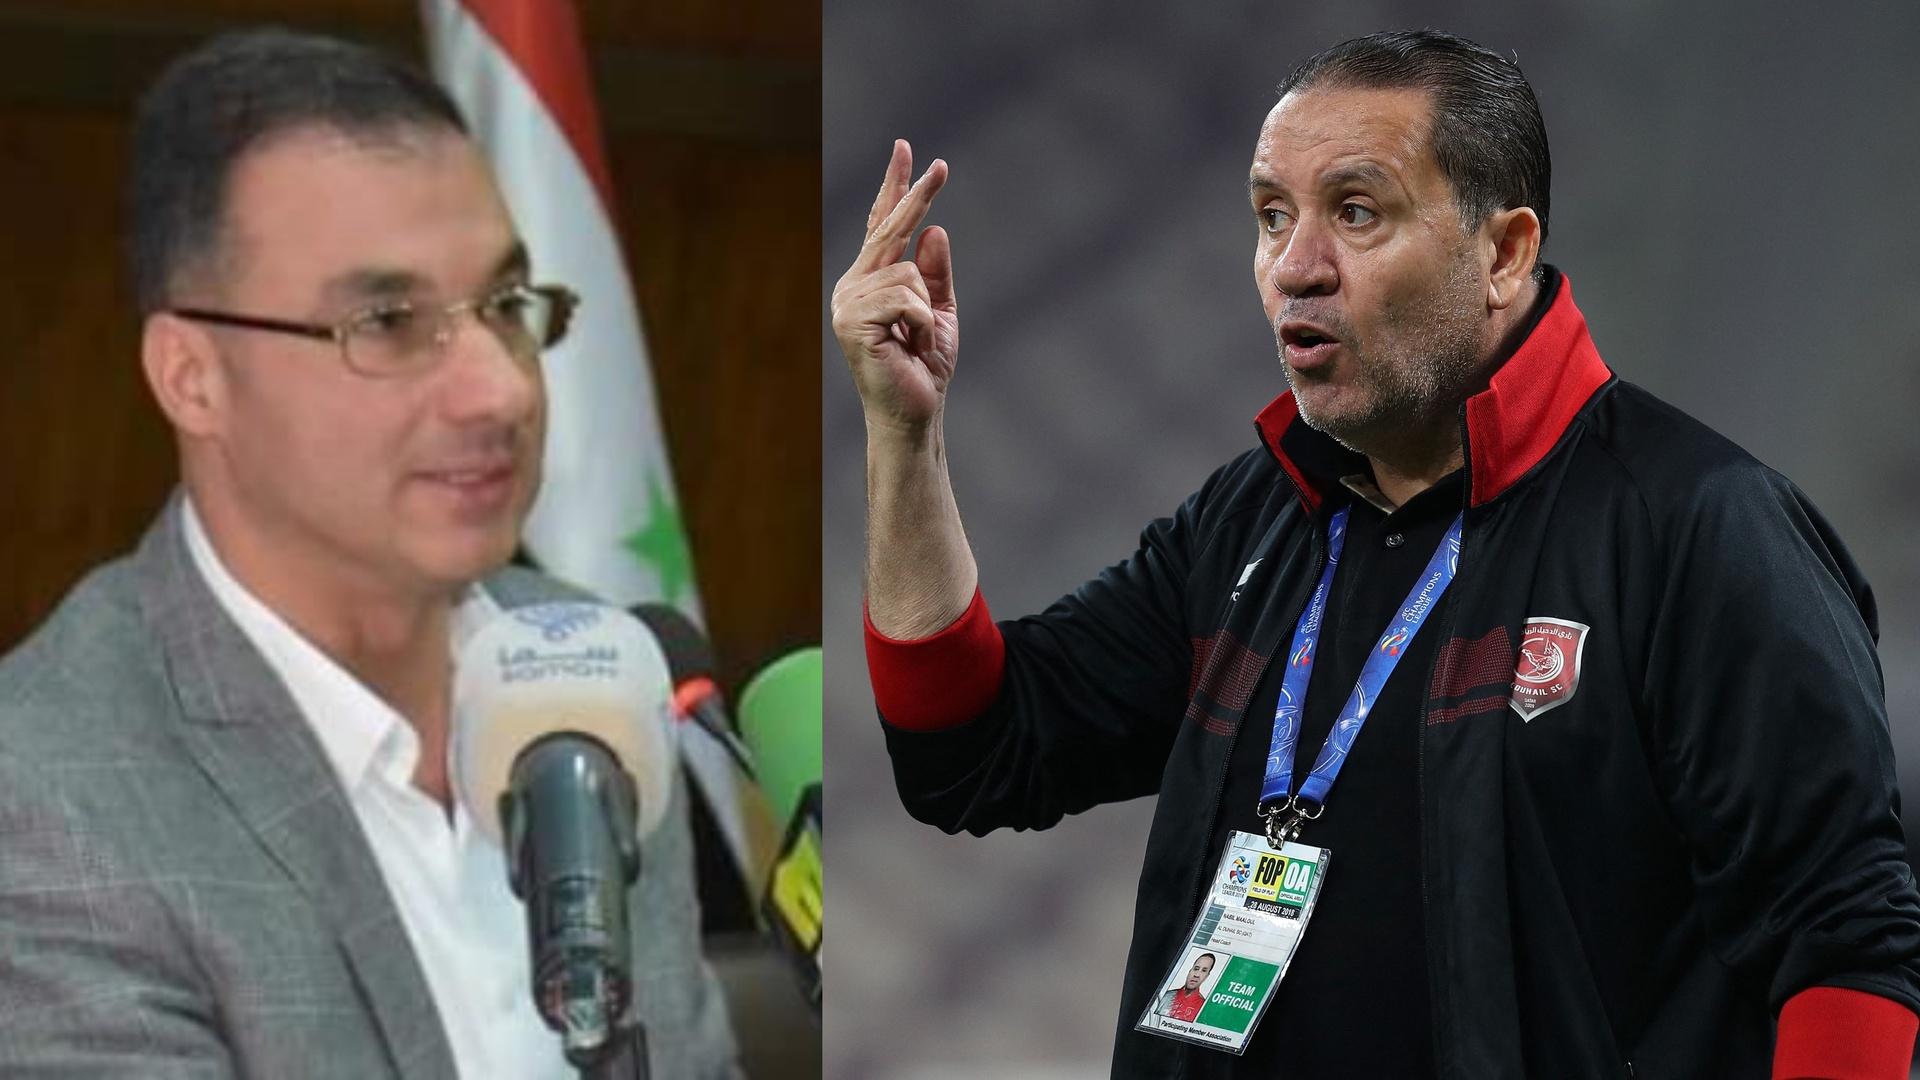 رئيس الاتحاد الرياضي السوري ينتقد معلول ويطالبه بالاستقالة